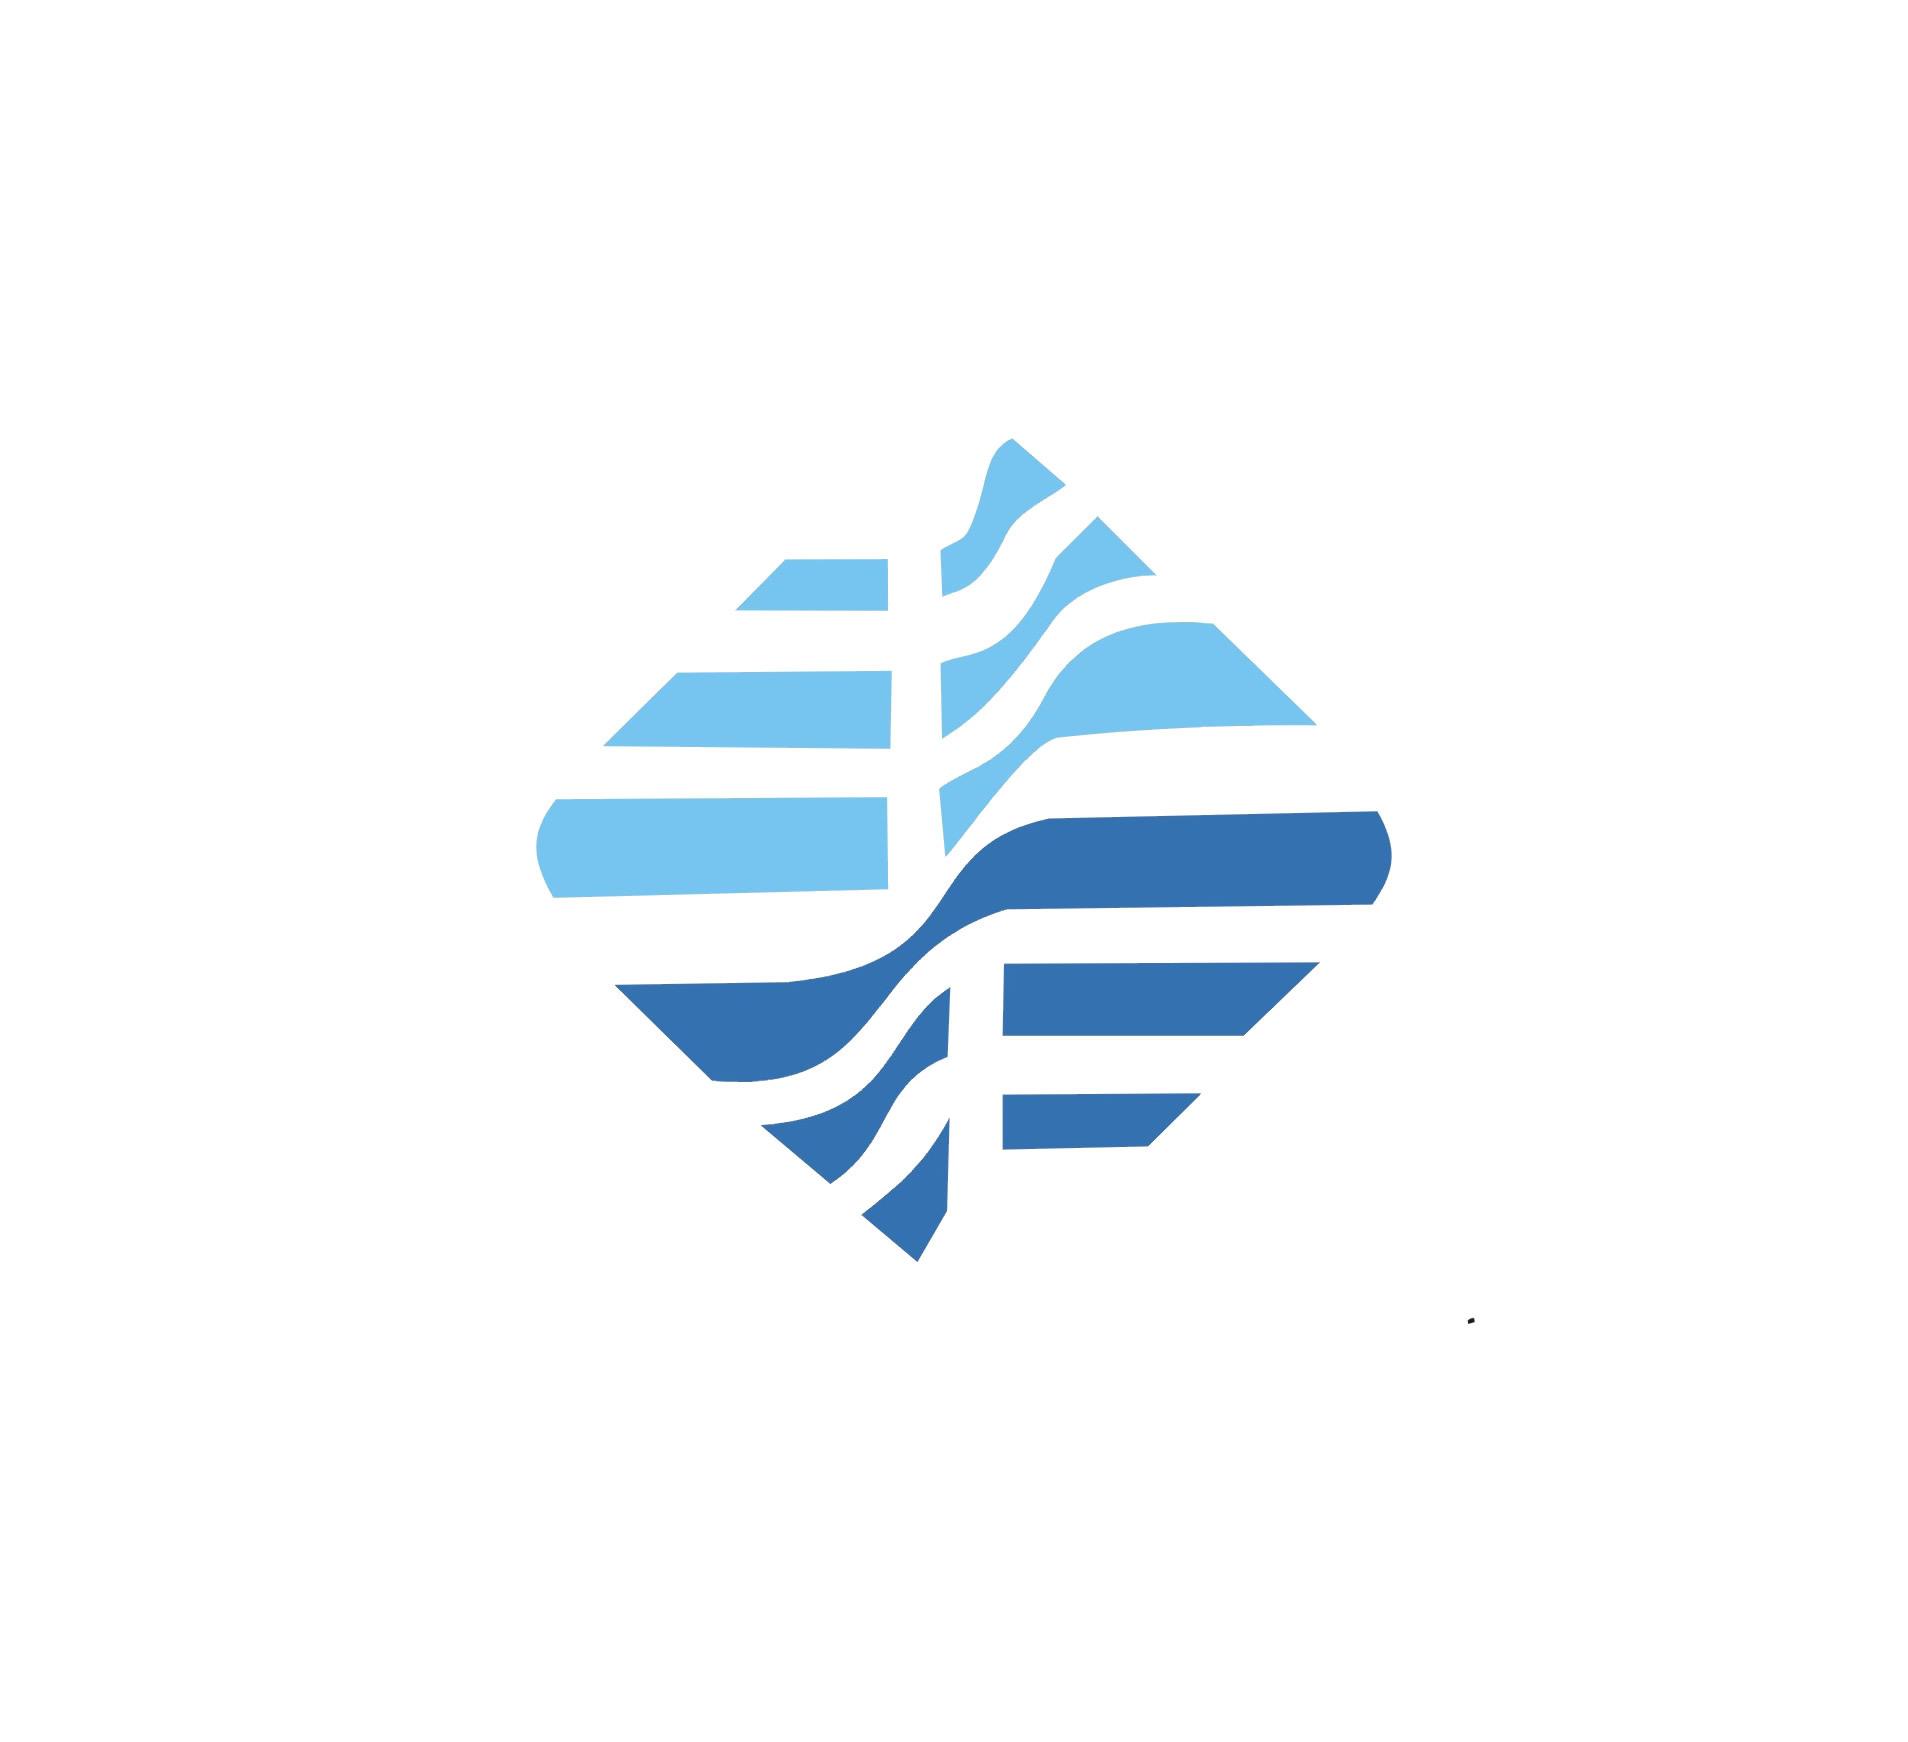 logo logo 标志 设计 矢量 矢量图 素材 图标 1908_1742